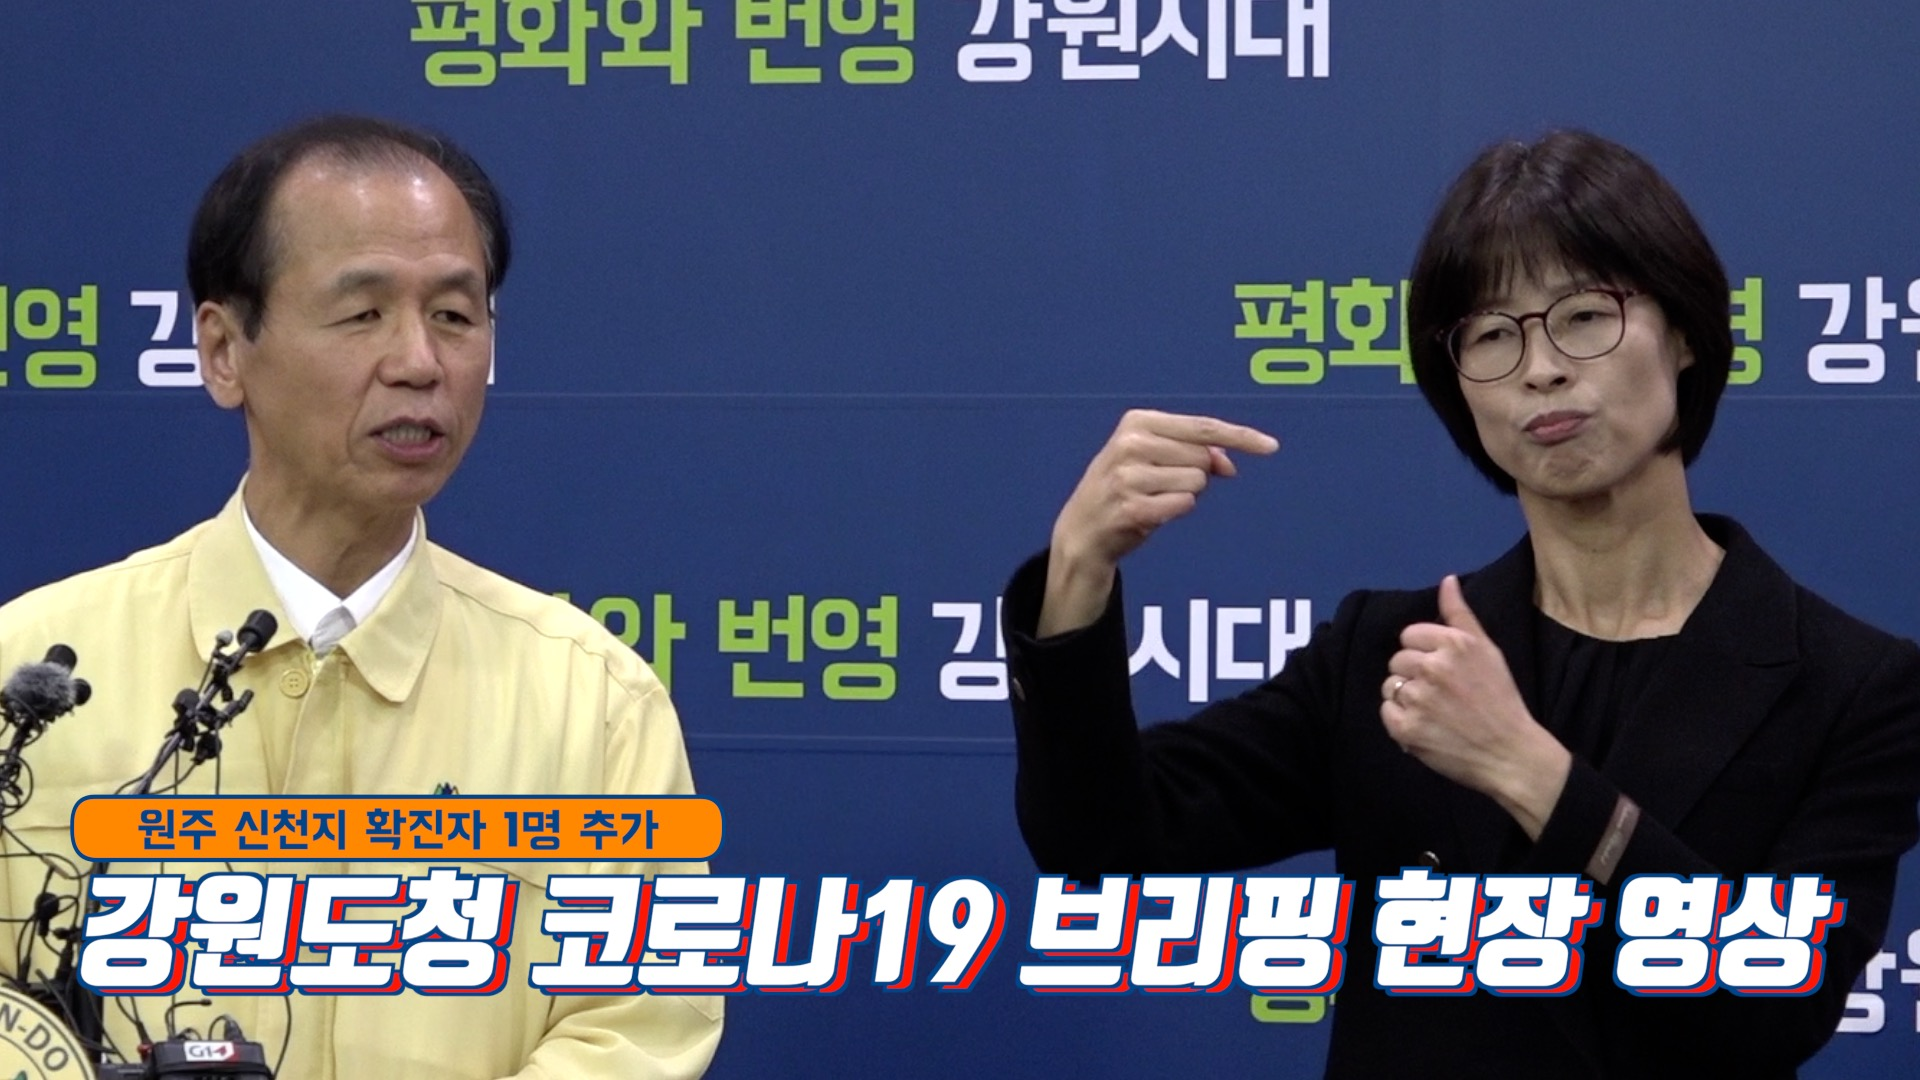 원주 확진자 급증 '강원도청 코로나19 브리핑' 영상